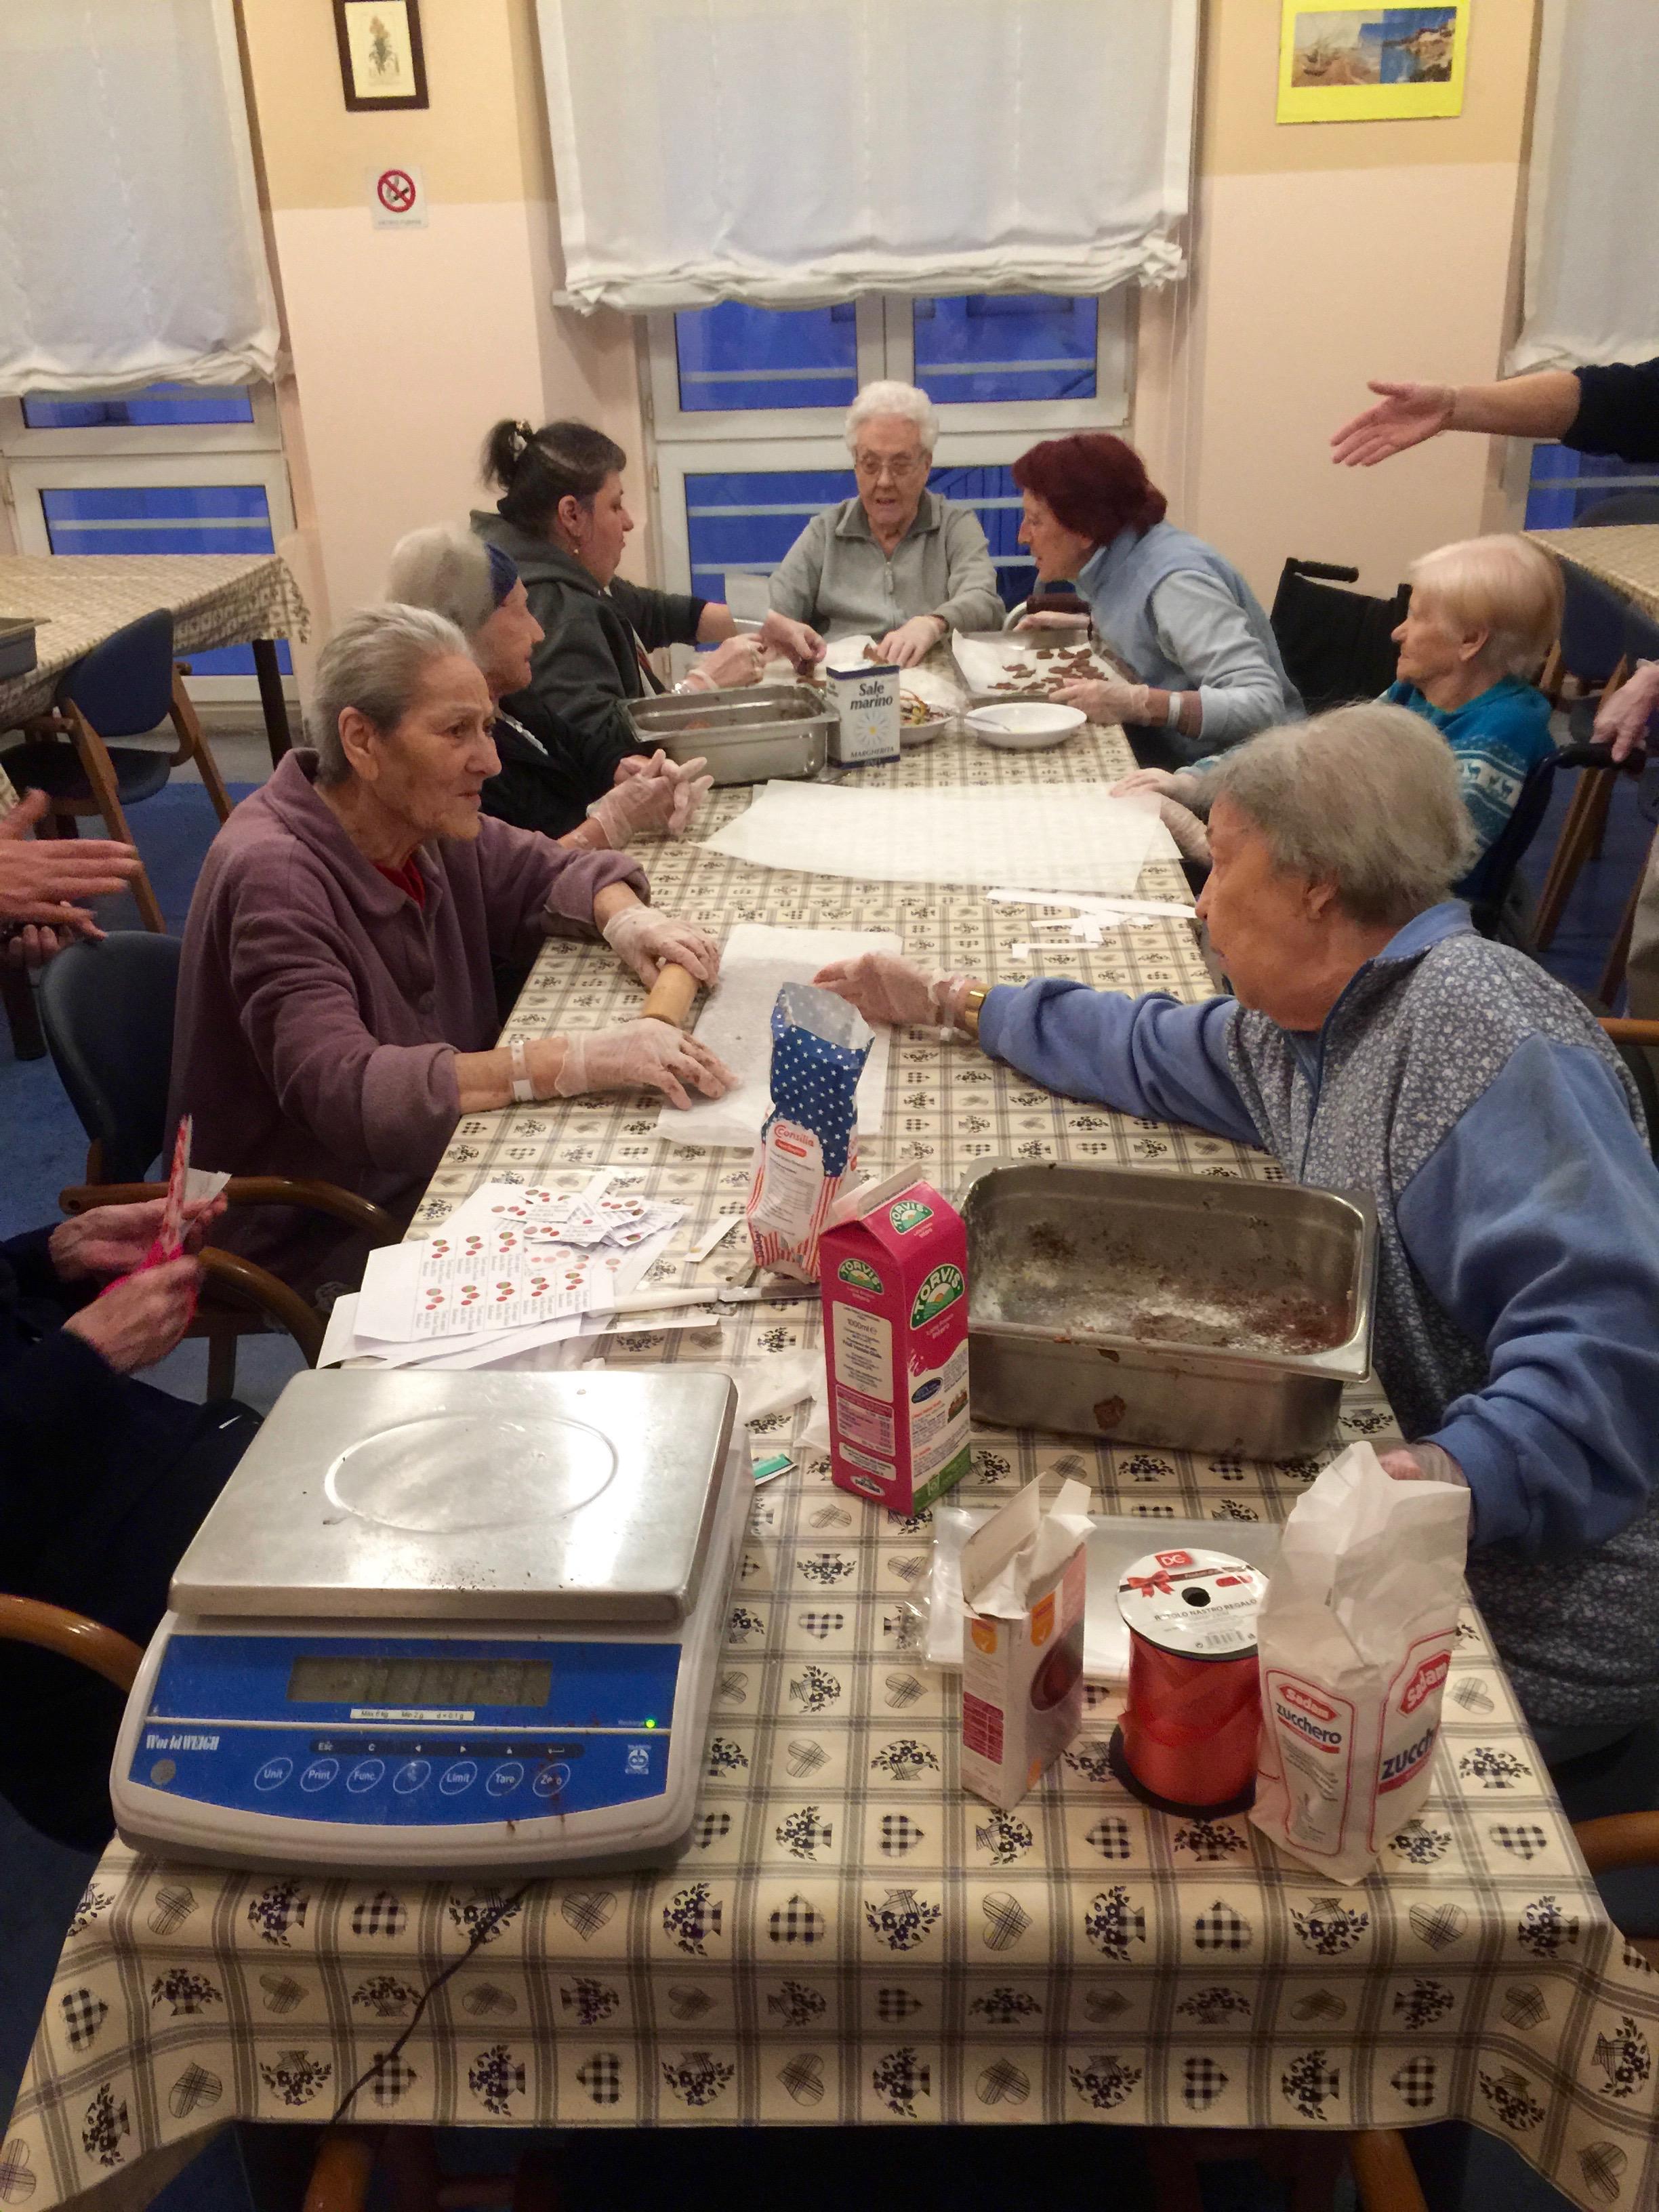 La preparazione dei biscotti al cioc